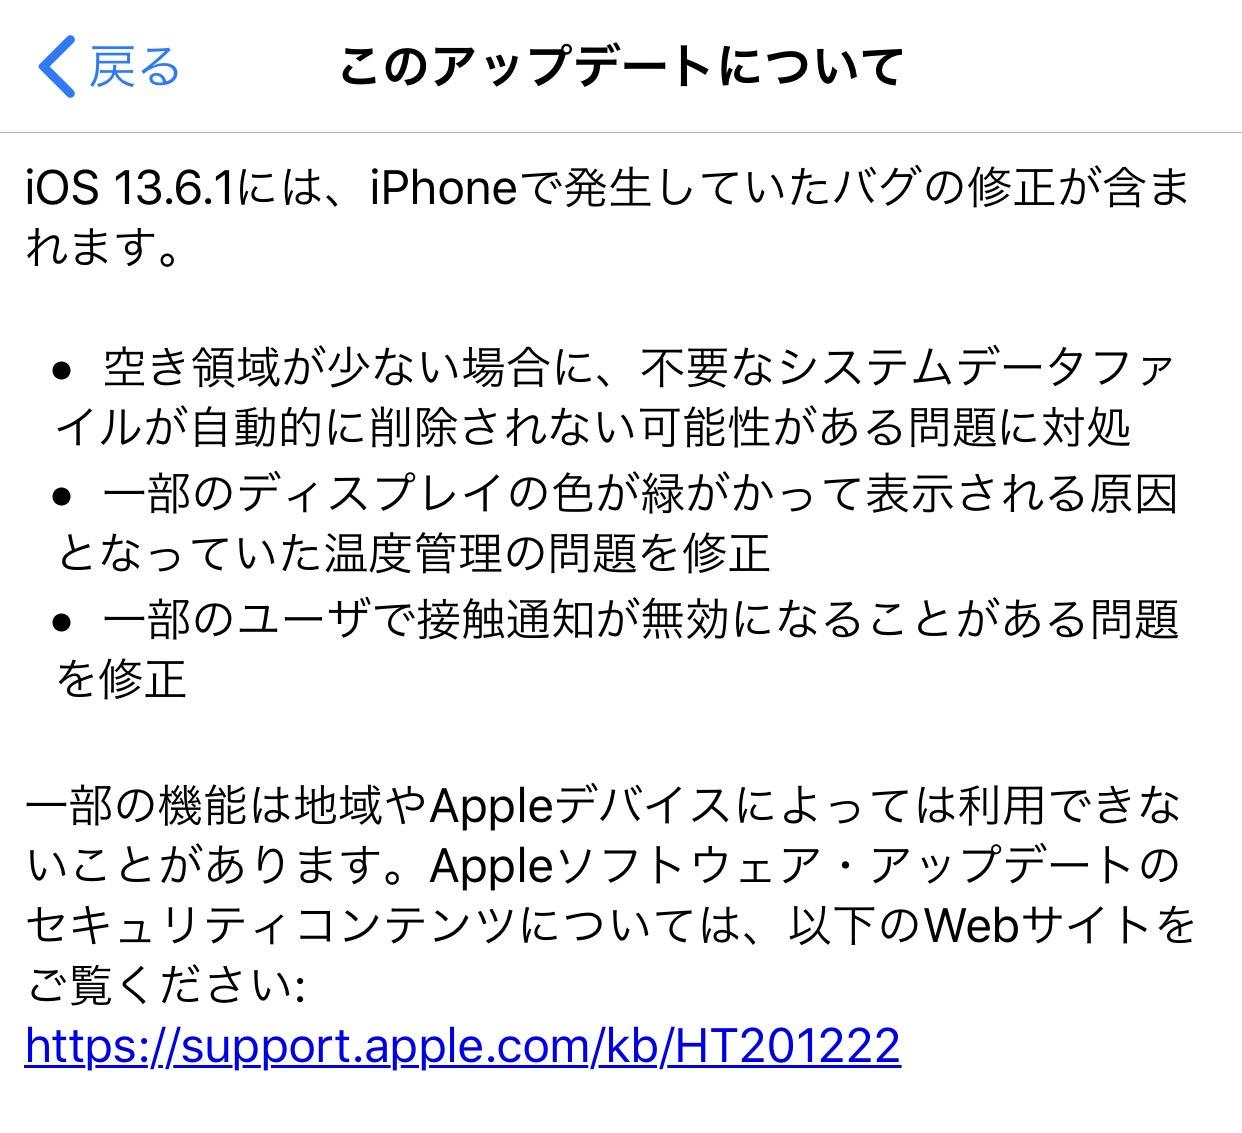 【iOS 13】バグ修正が含まれる「iOS 13.6.1ソフトウエアアップデート」リリース